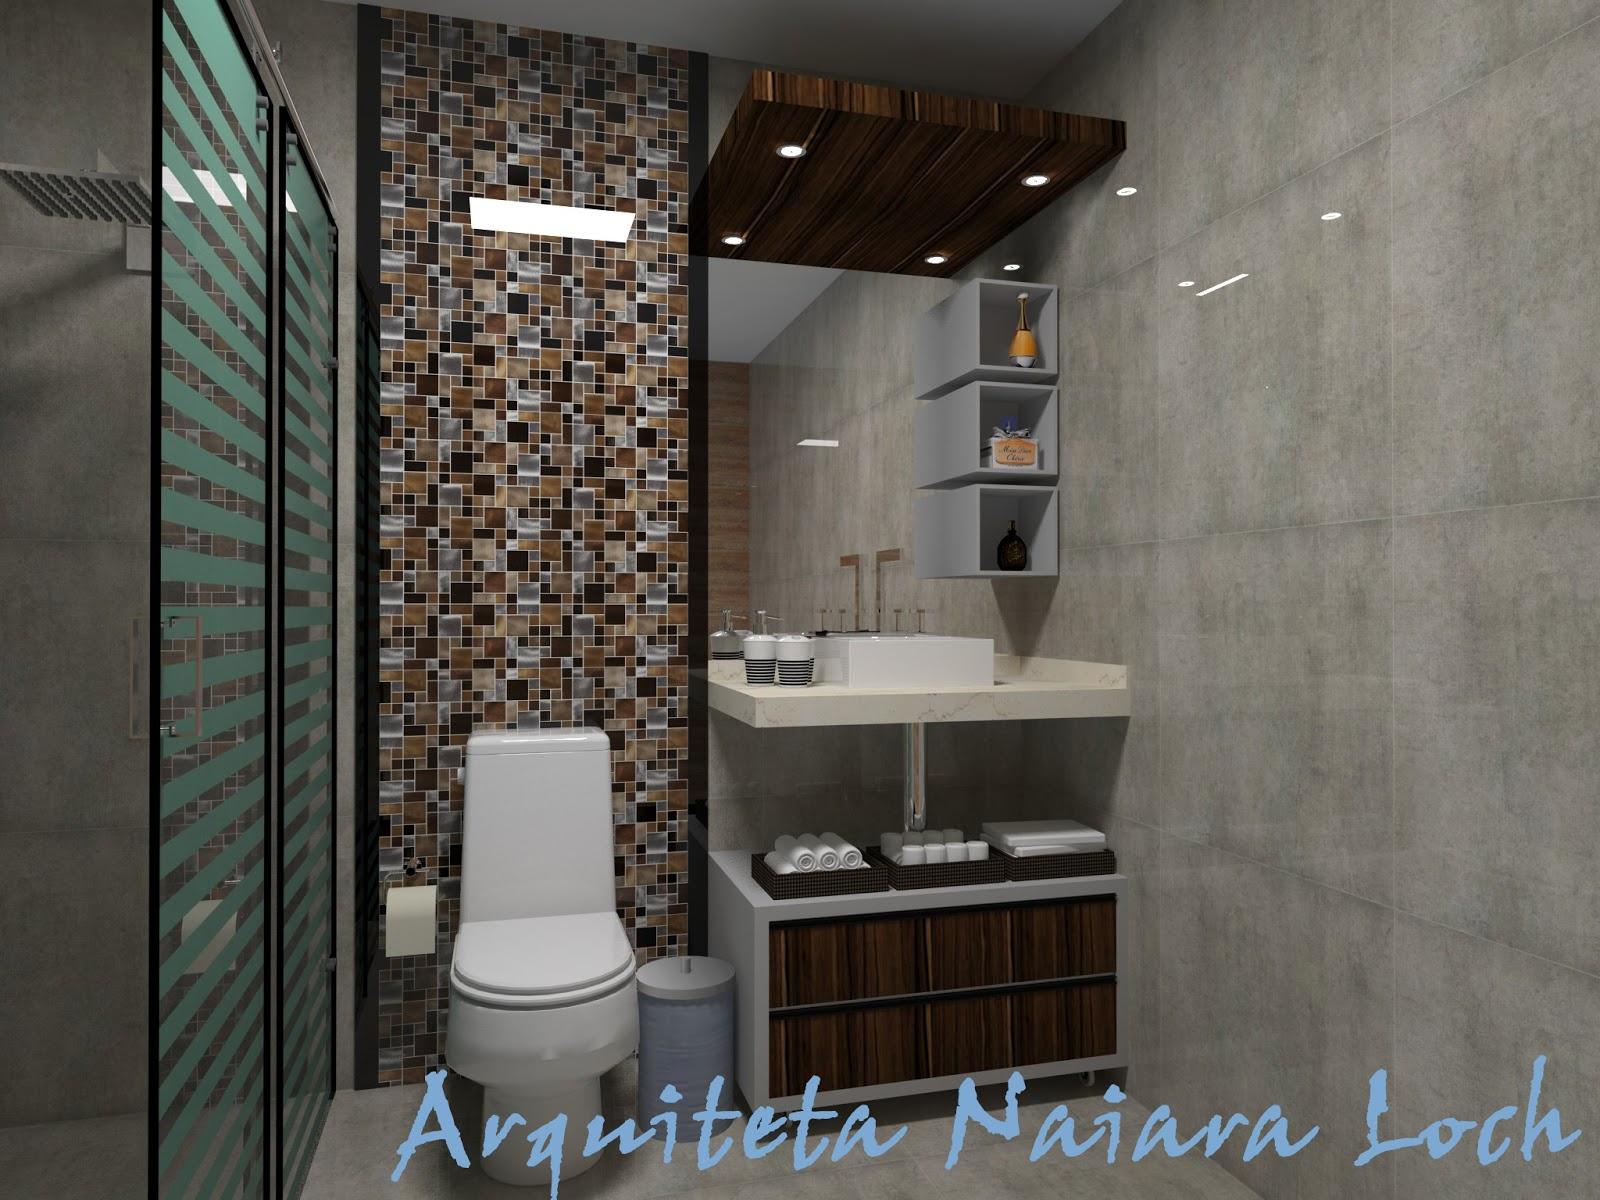 Banheiro com cuba de apoio e mdf que imita madeira  Arquiteta Naiara Loch -> Cuba Banheiro Marrom